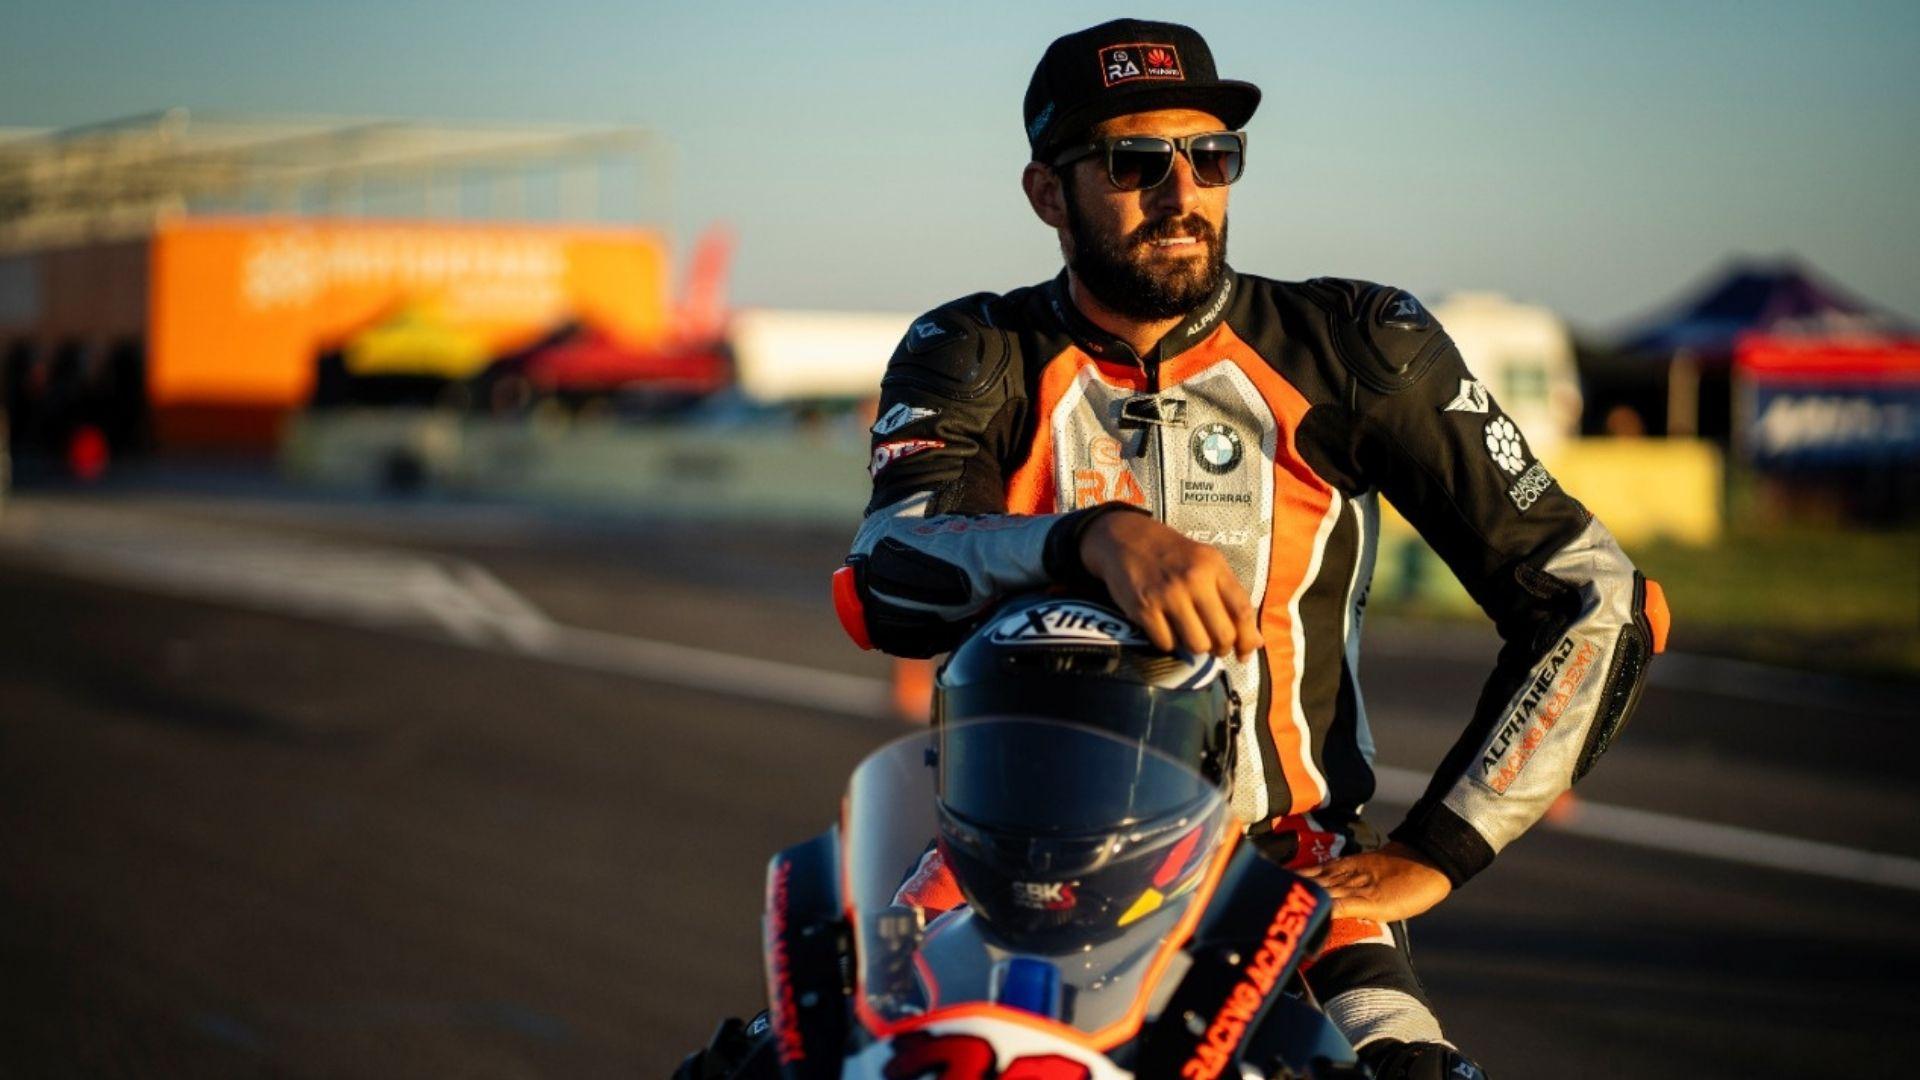 Explore More cu Racing Academy și Cătălin Cazacu: Cum reușesc să țină pasul cu toate provocările?